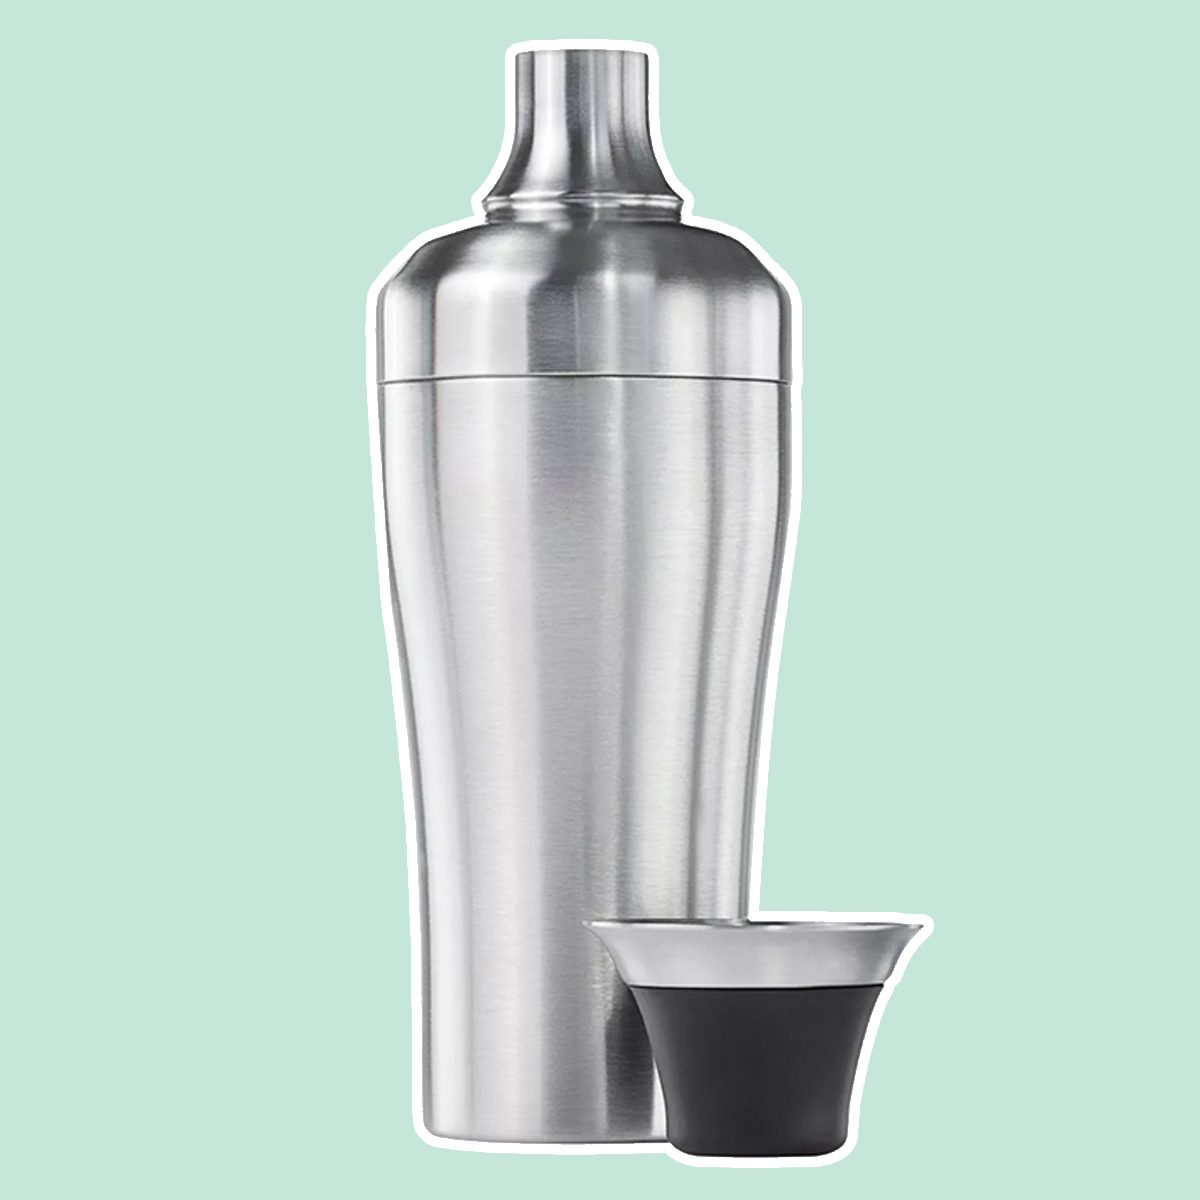 OXO Stainless Steel Shaker